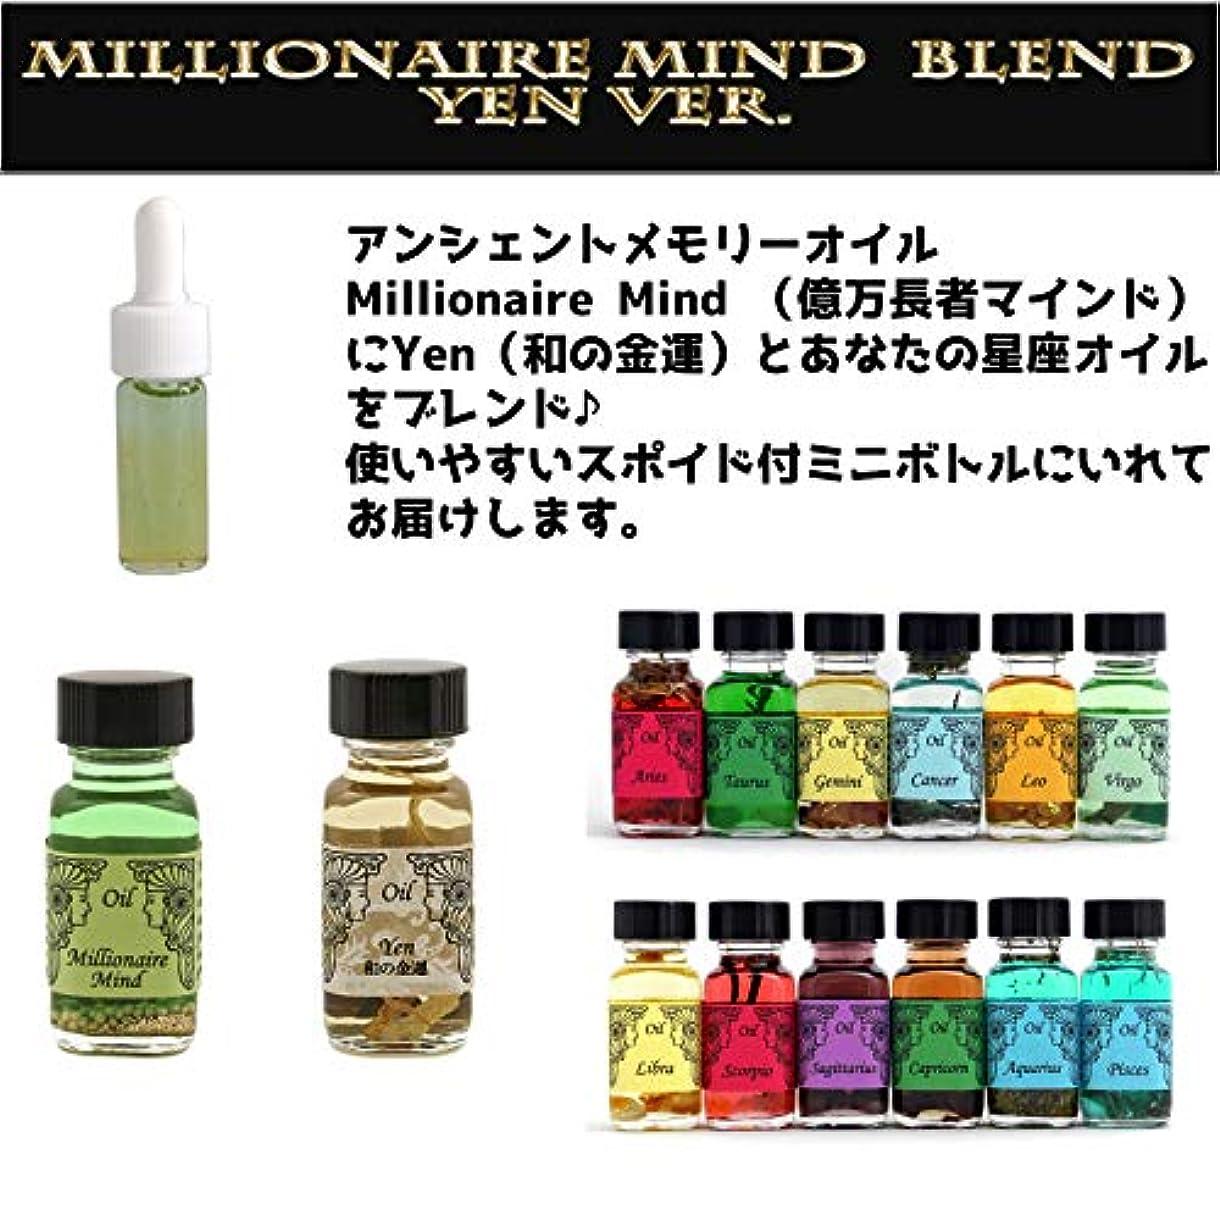 ウイルスお互い柔らかいアンシェントメモリーオイル Millionaire Mind 億万長者マインド ブレンド【Yen 和の金運&おうし座】